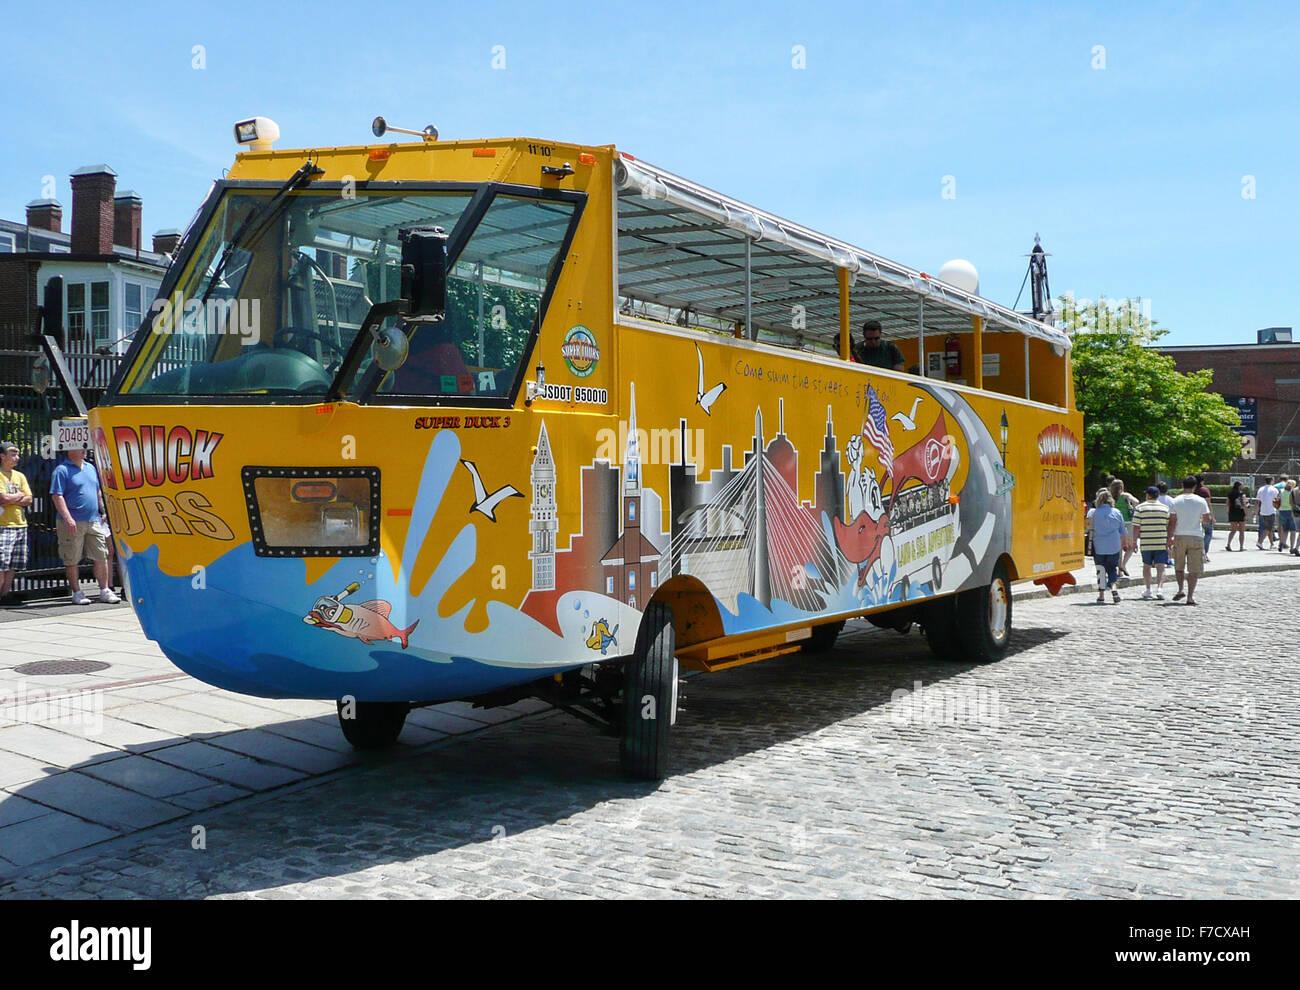 Boston Duck Tours bus Stock Photo